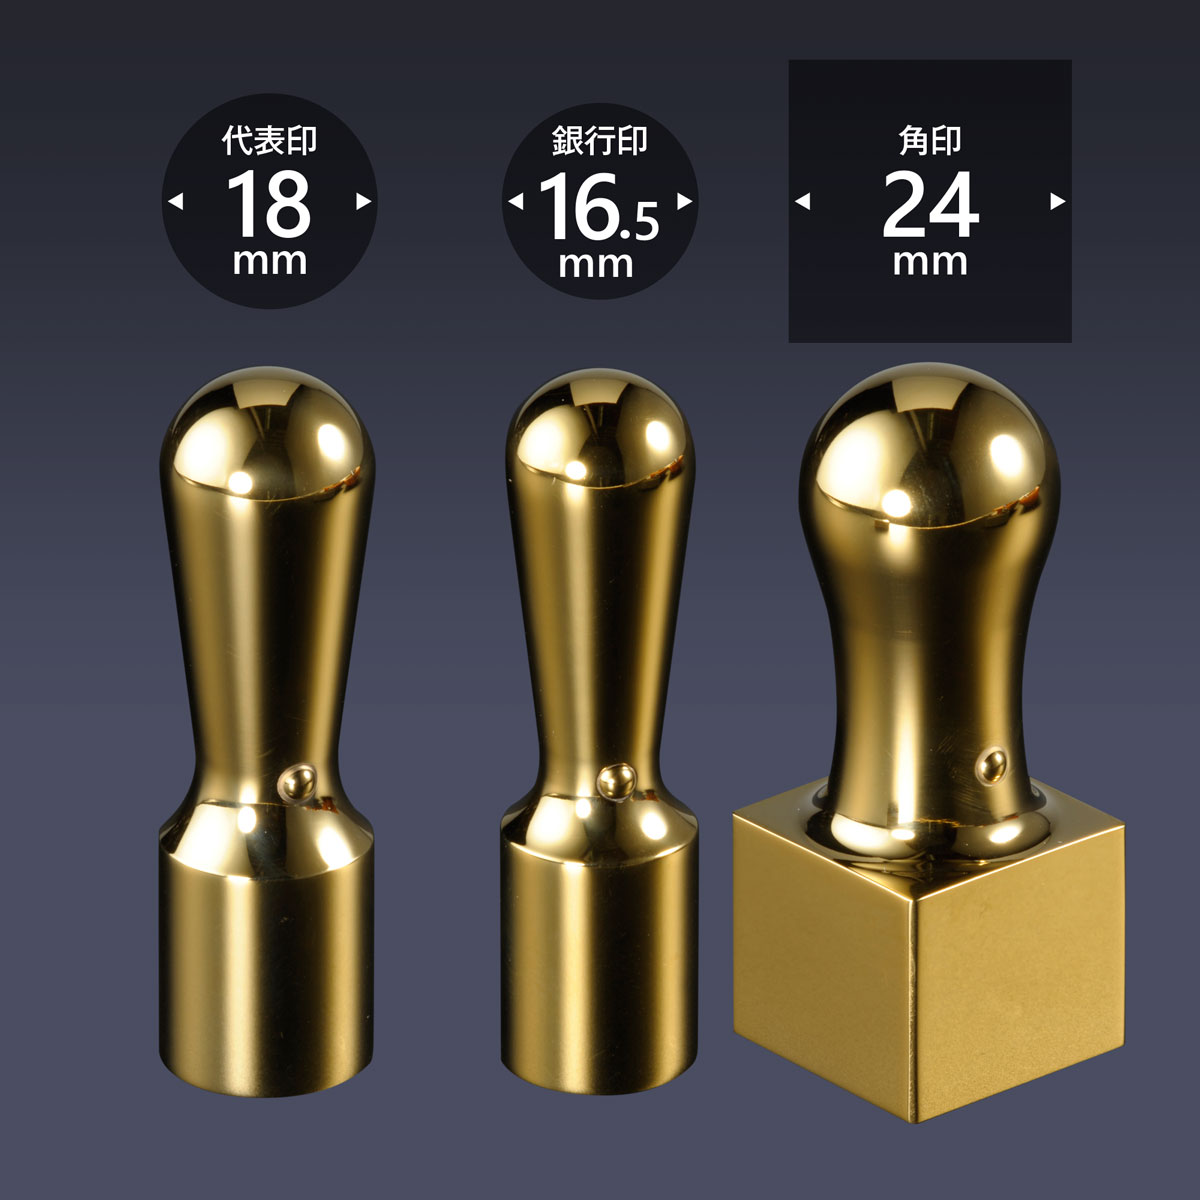 会社印 ミラーチタン(ゴールド)3本E24セット/ 法人 会社設立 実印 銀行印 角印 女性 法人印鑑 社印